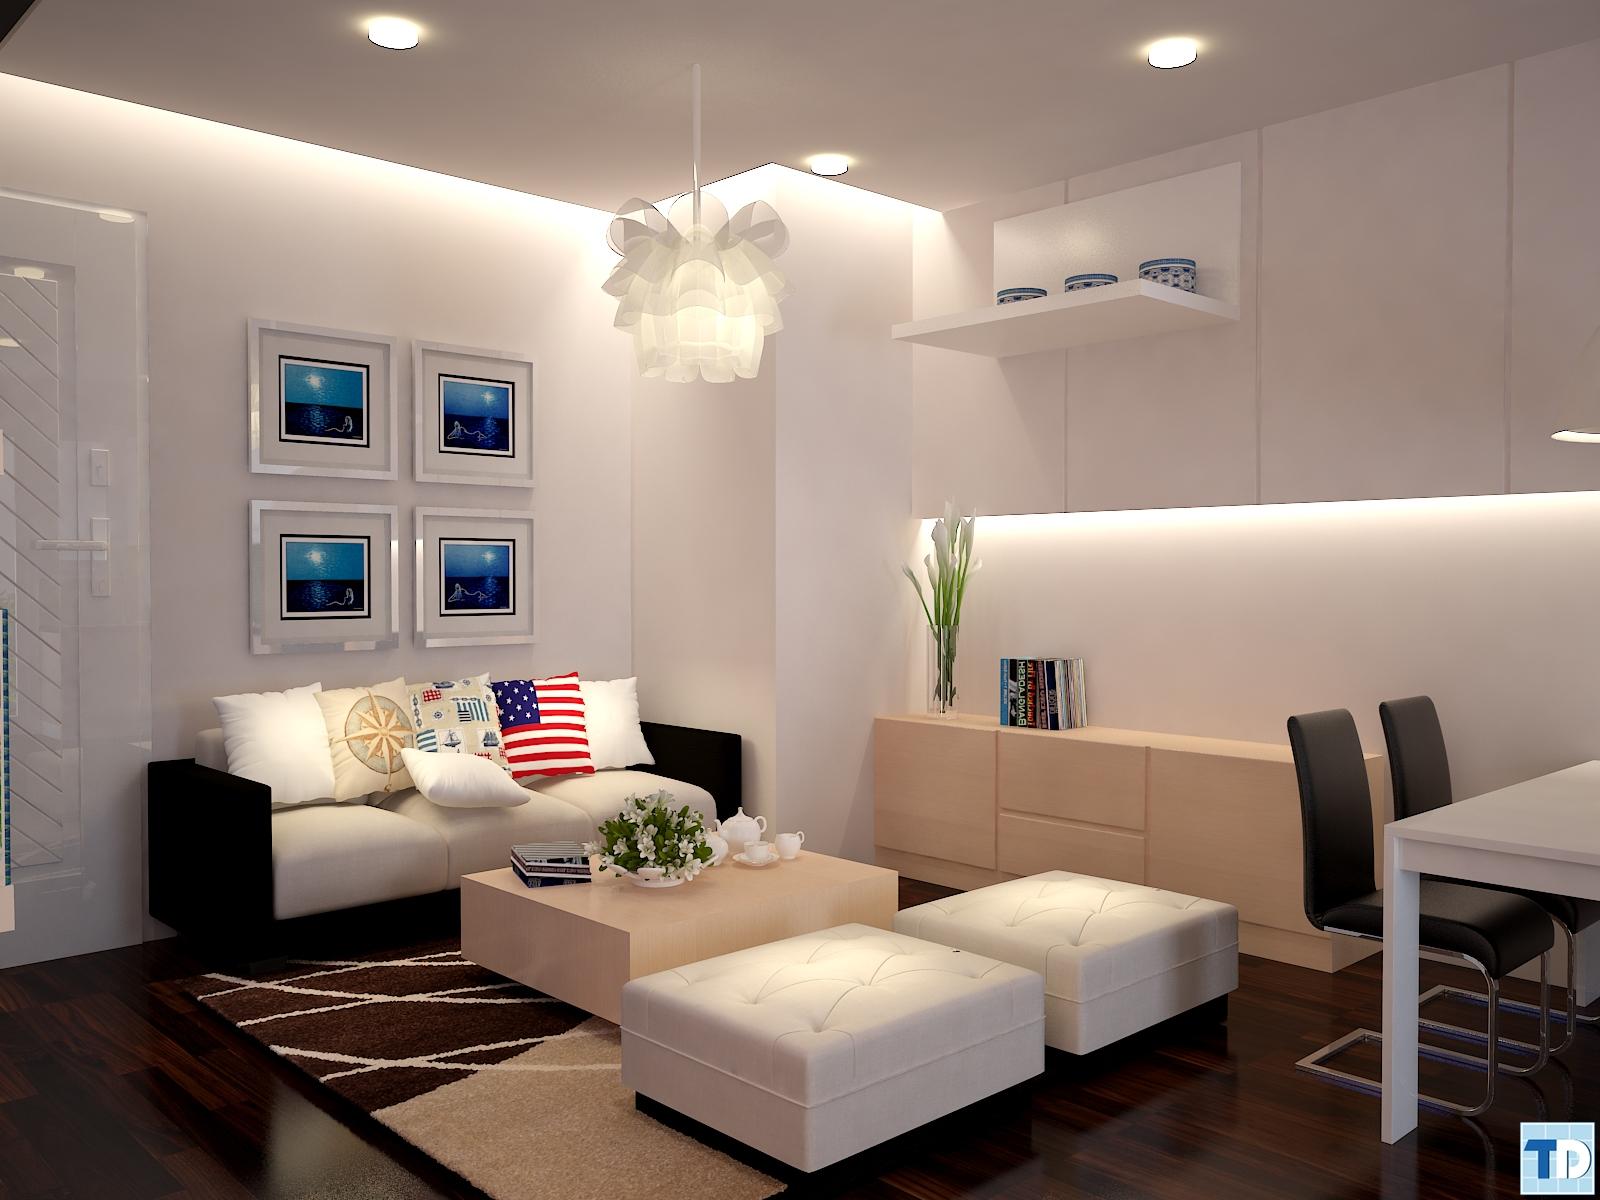 Thiết kế nội thất chung cư 60m2 trang nhã, quyến rũ đẹp hút mắt